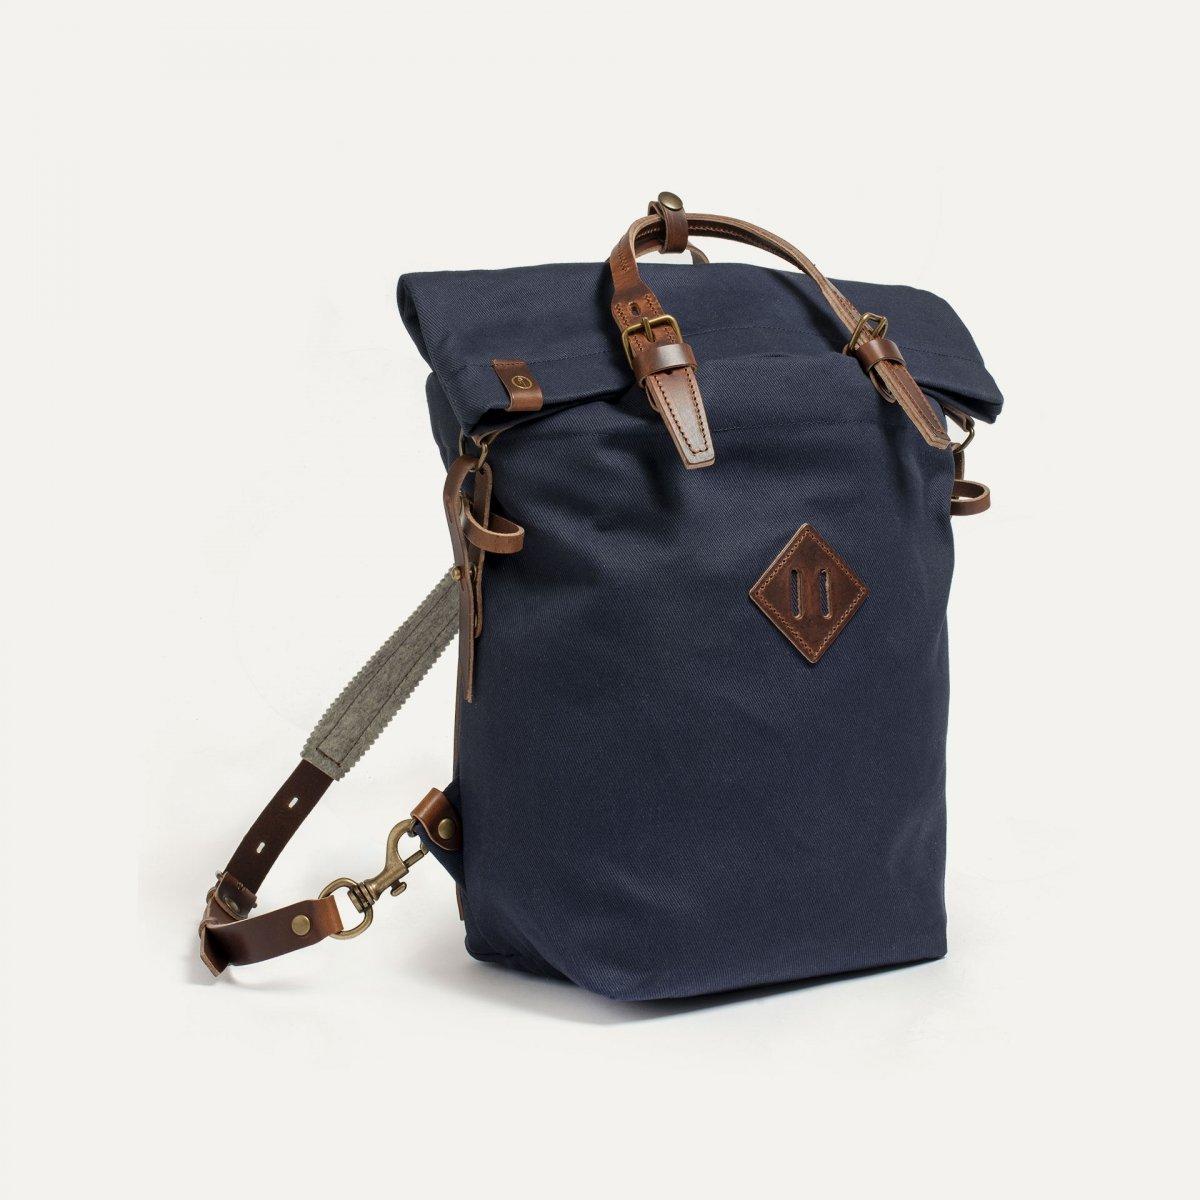 Woody S Backpack - Peacoat Blue (image n°2)